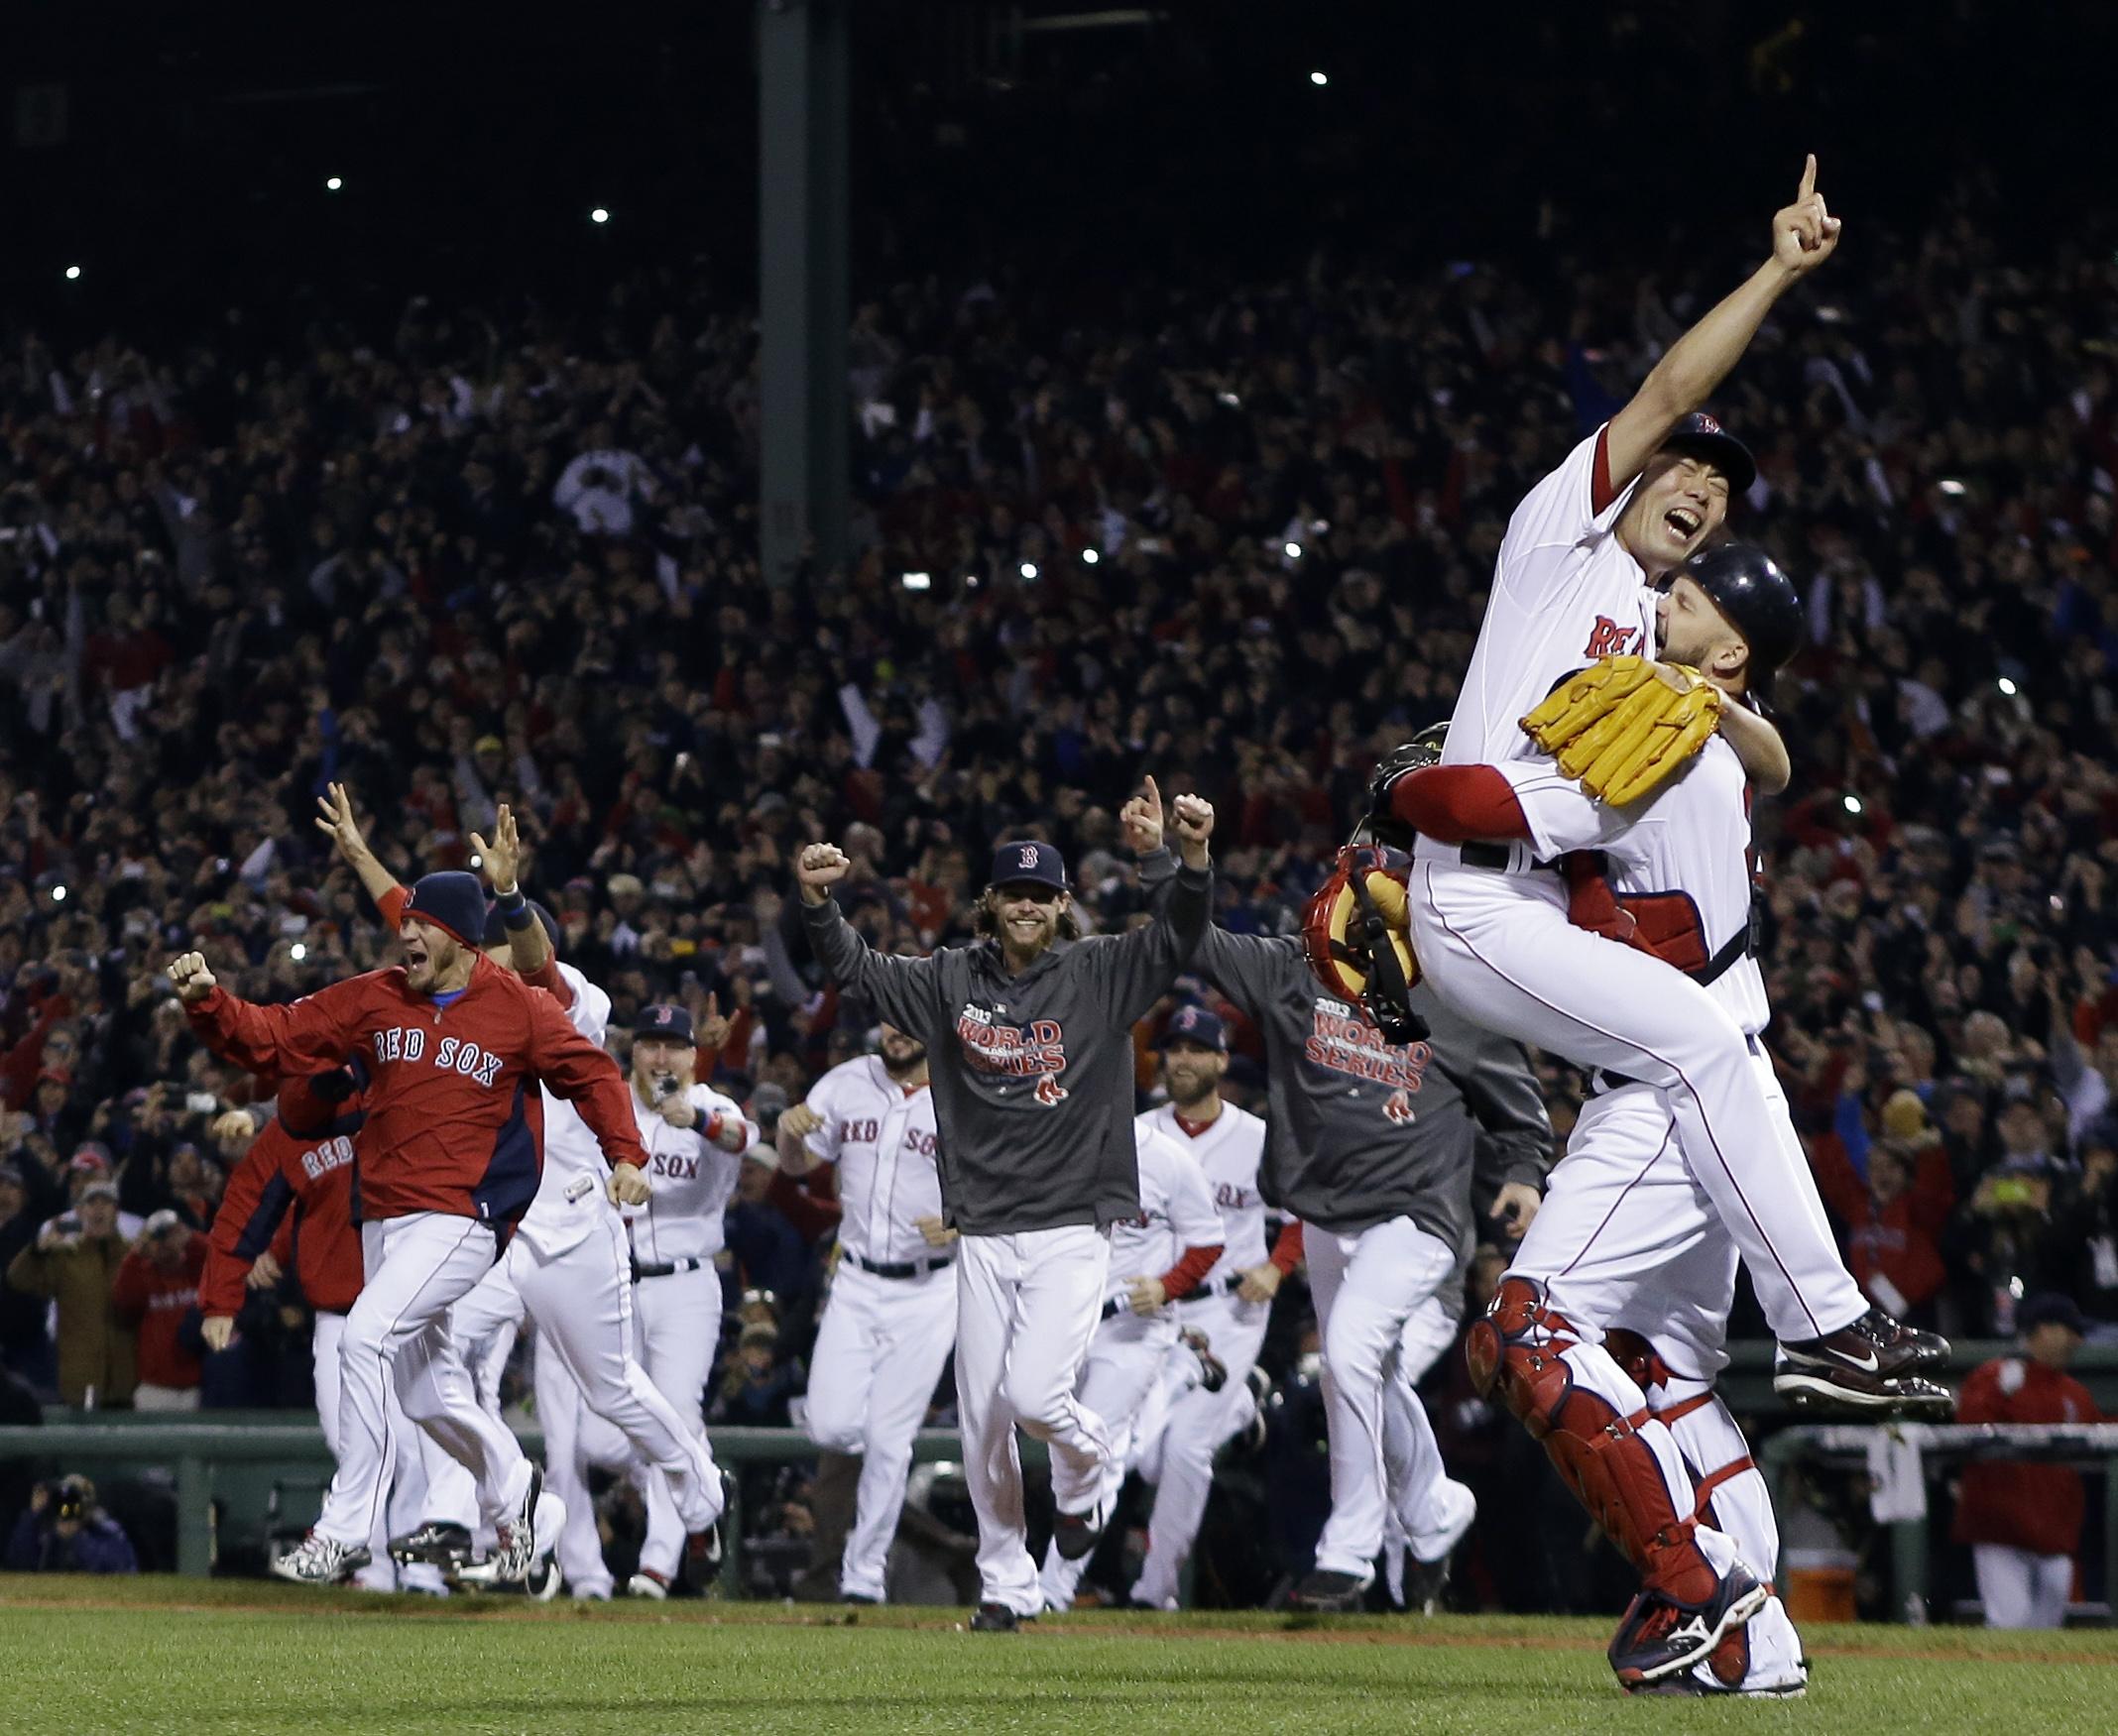 Red Sox World Series 2013 Golf Shirt - DREAMWORKS